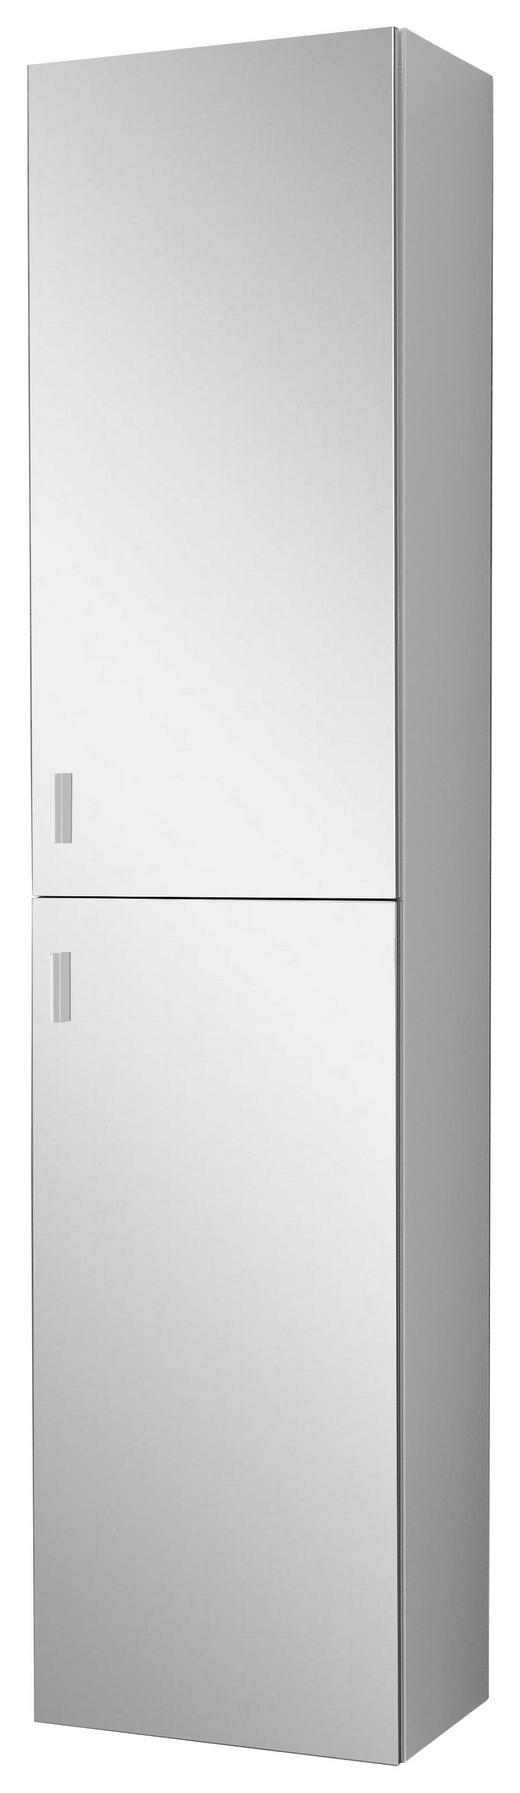 HOCHSCHRANK - Silberfarben/Weiß, Design, Glas/Holzwerkstoff (40/178,7/34,8cm) - Welnova